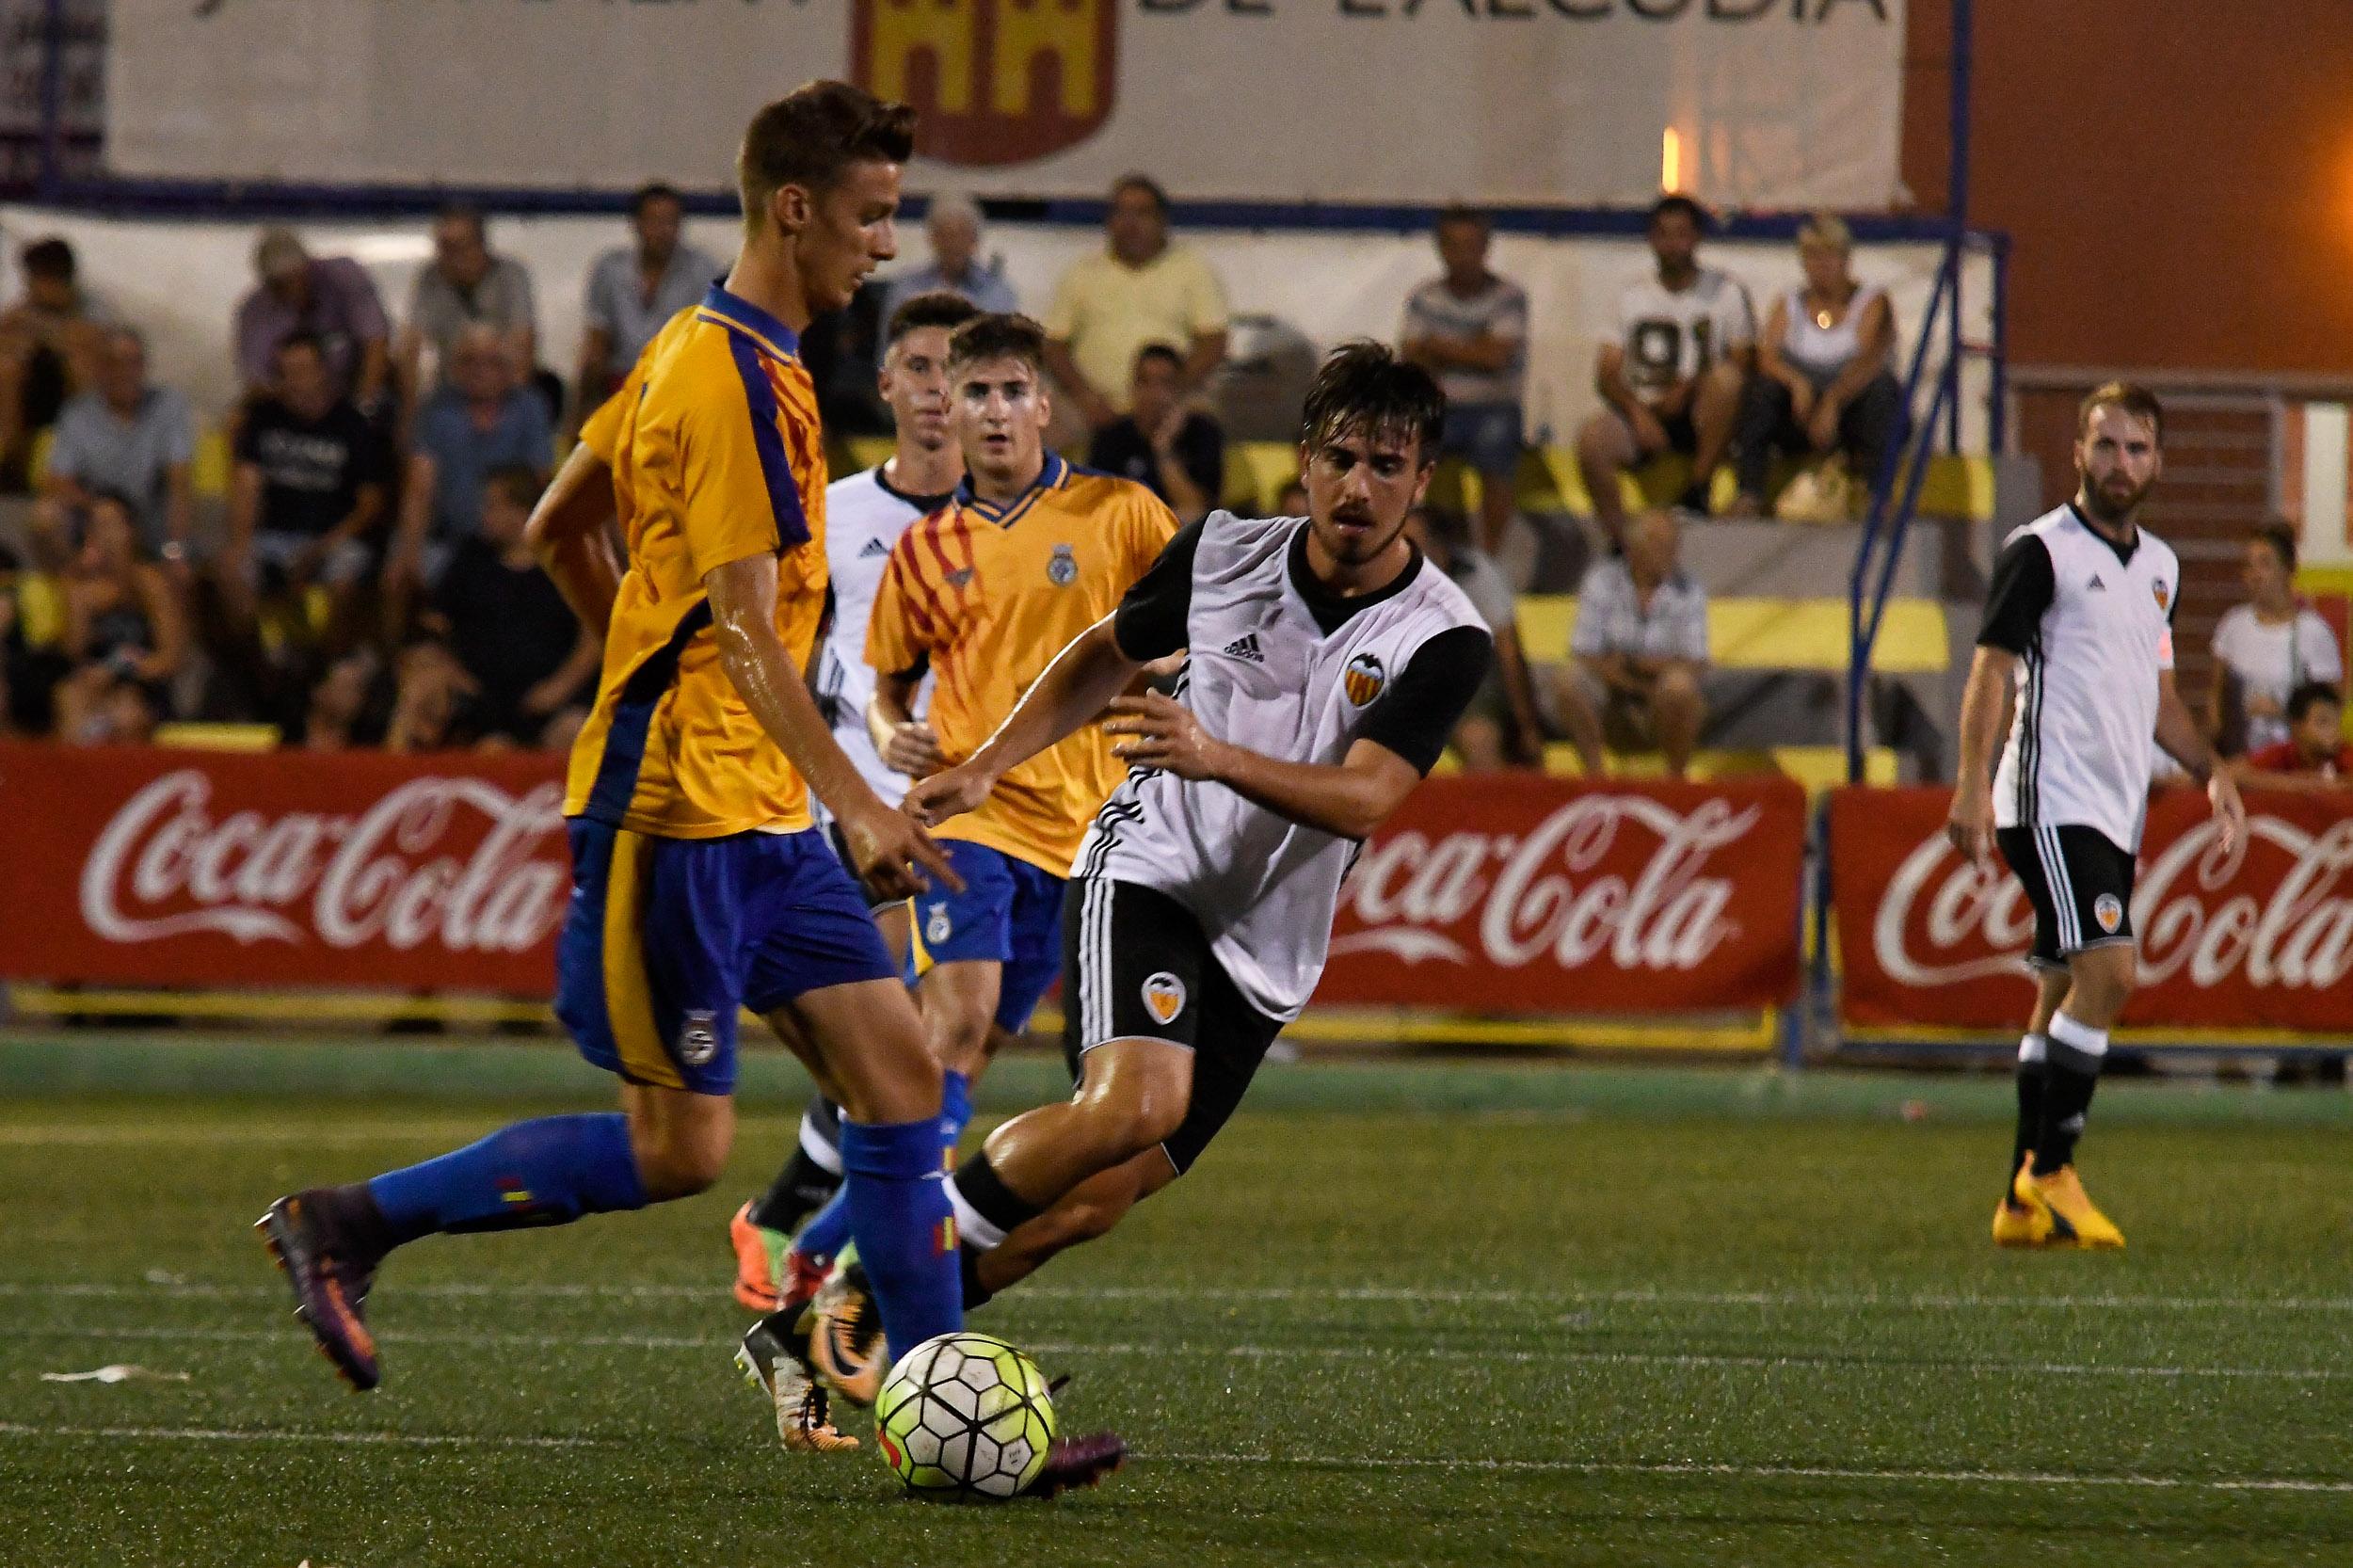 La Selección Valenciana se mostró como un grupo compacto pese a pertenecer sus jugadores de hasta catorce equipos de toda la geografía autonómica.